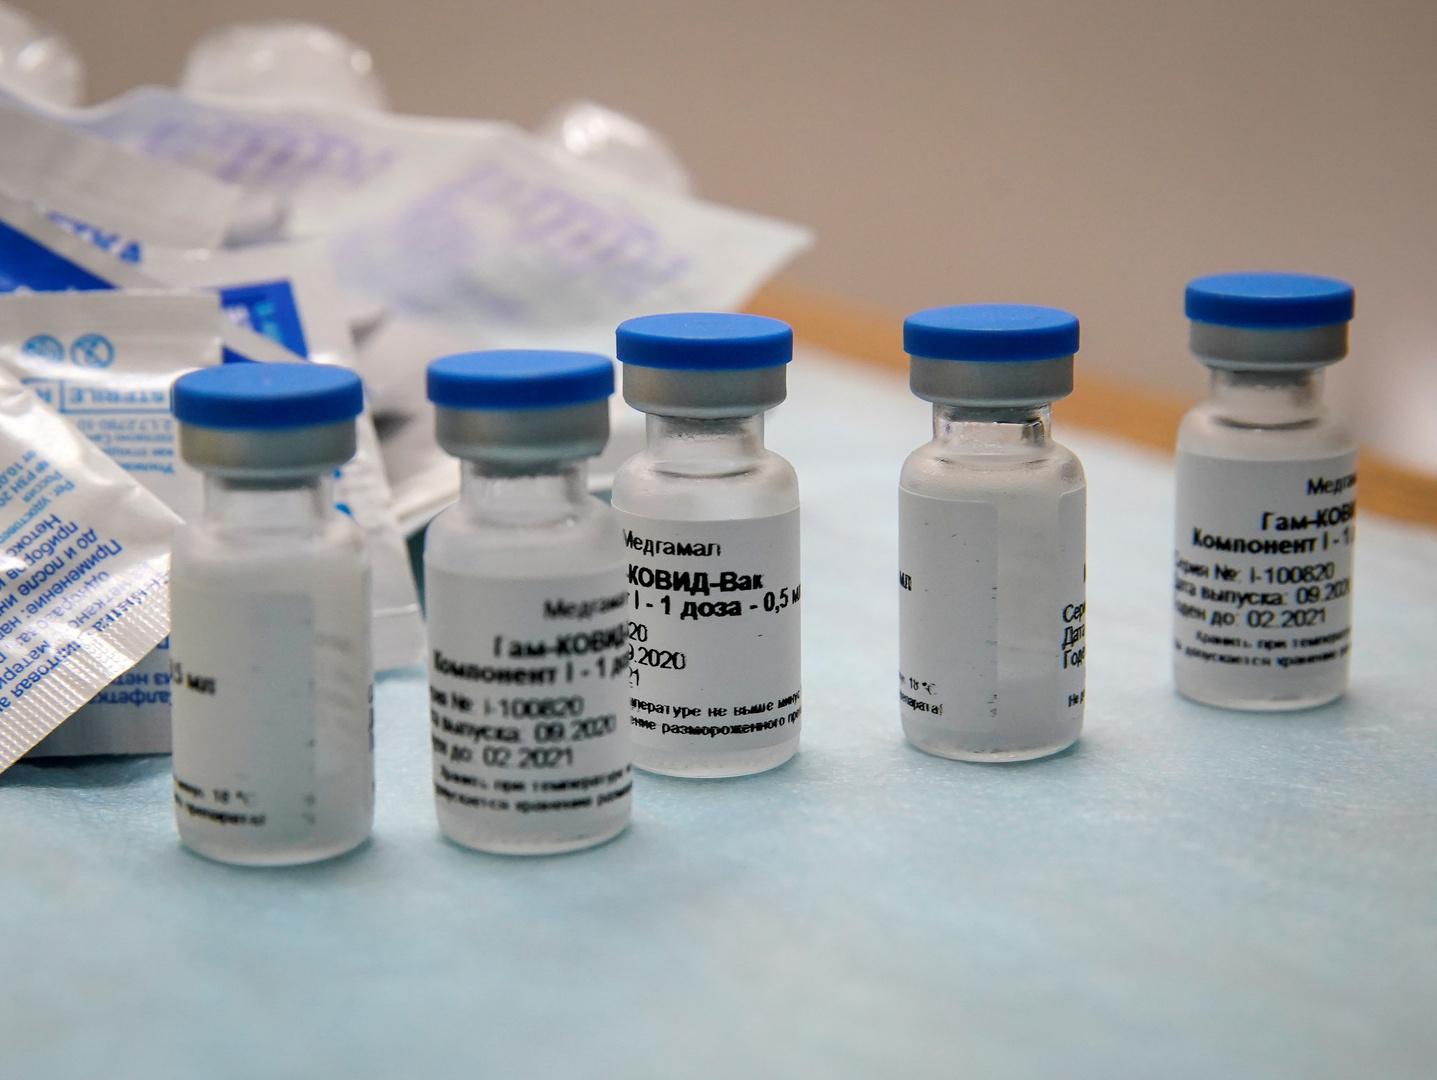 عبوات للقاح الروسي المضاد لكورونا سبوتنيك V